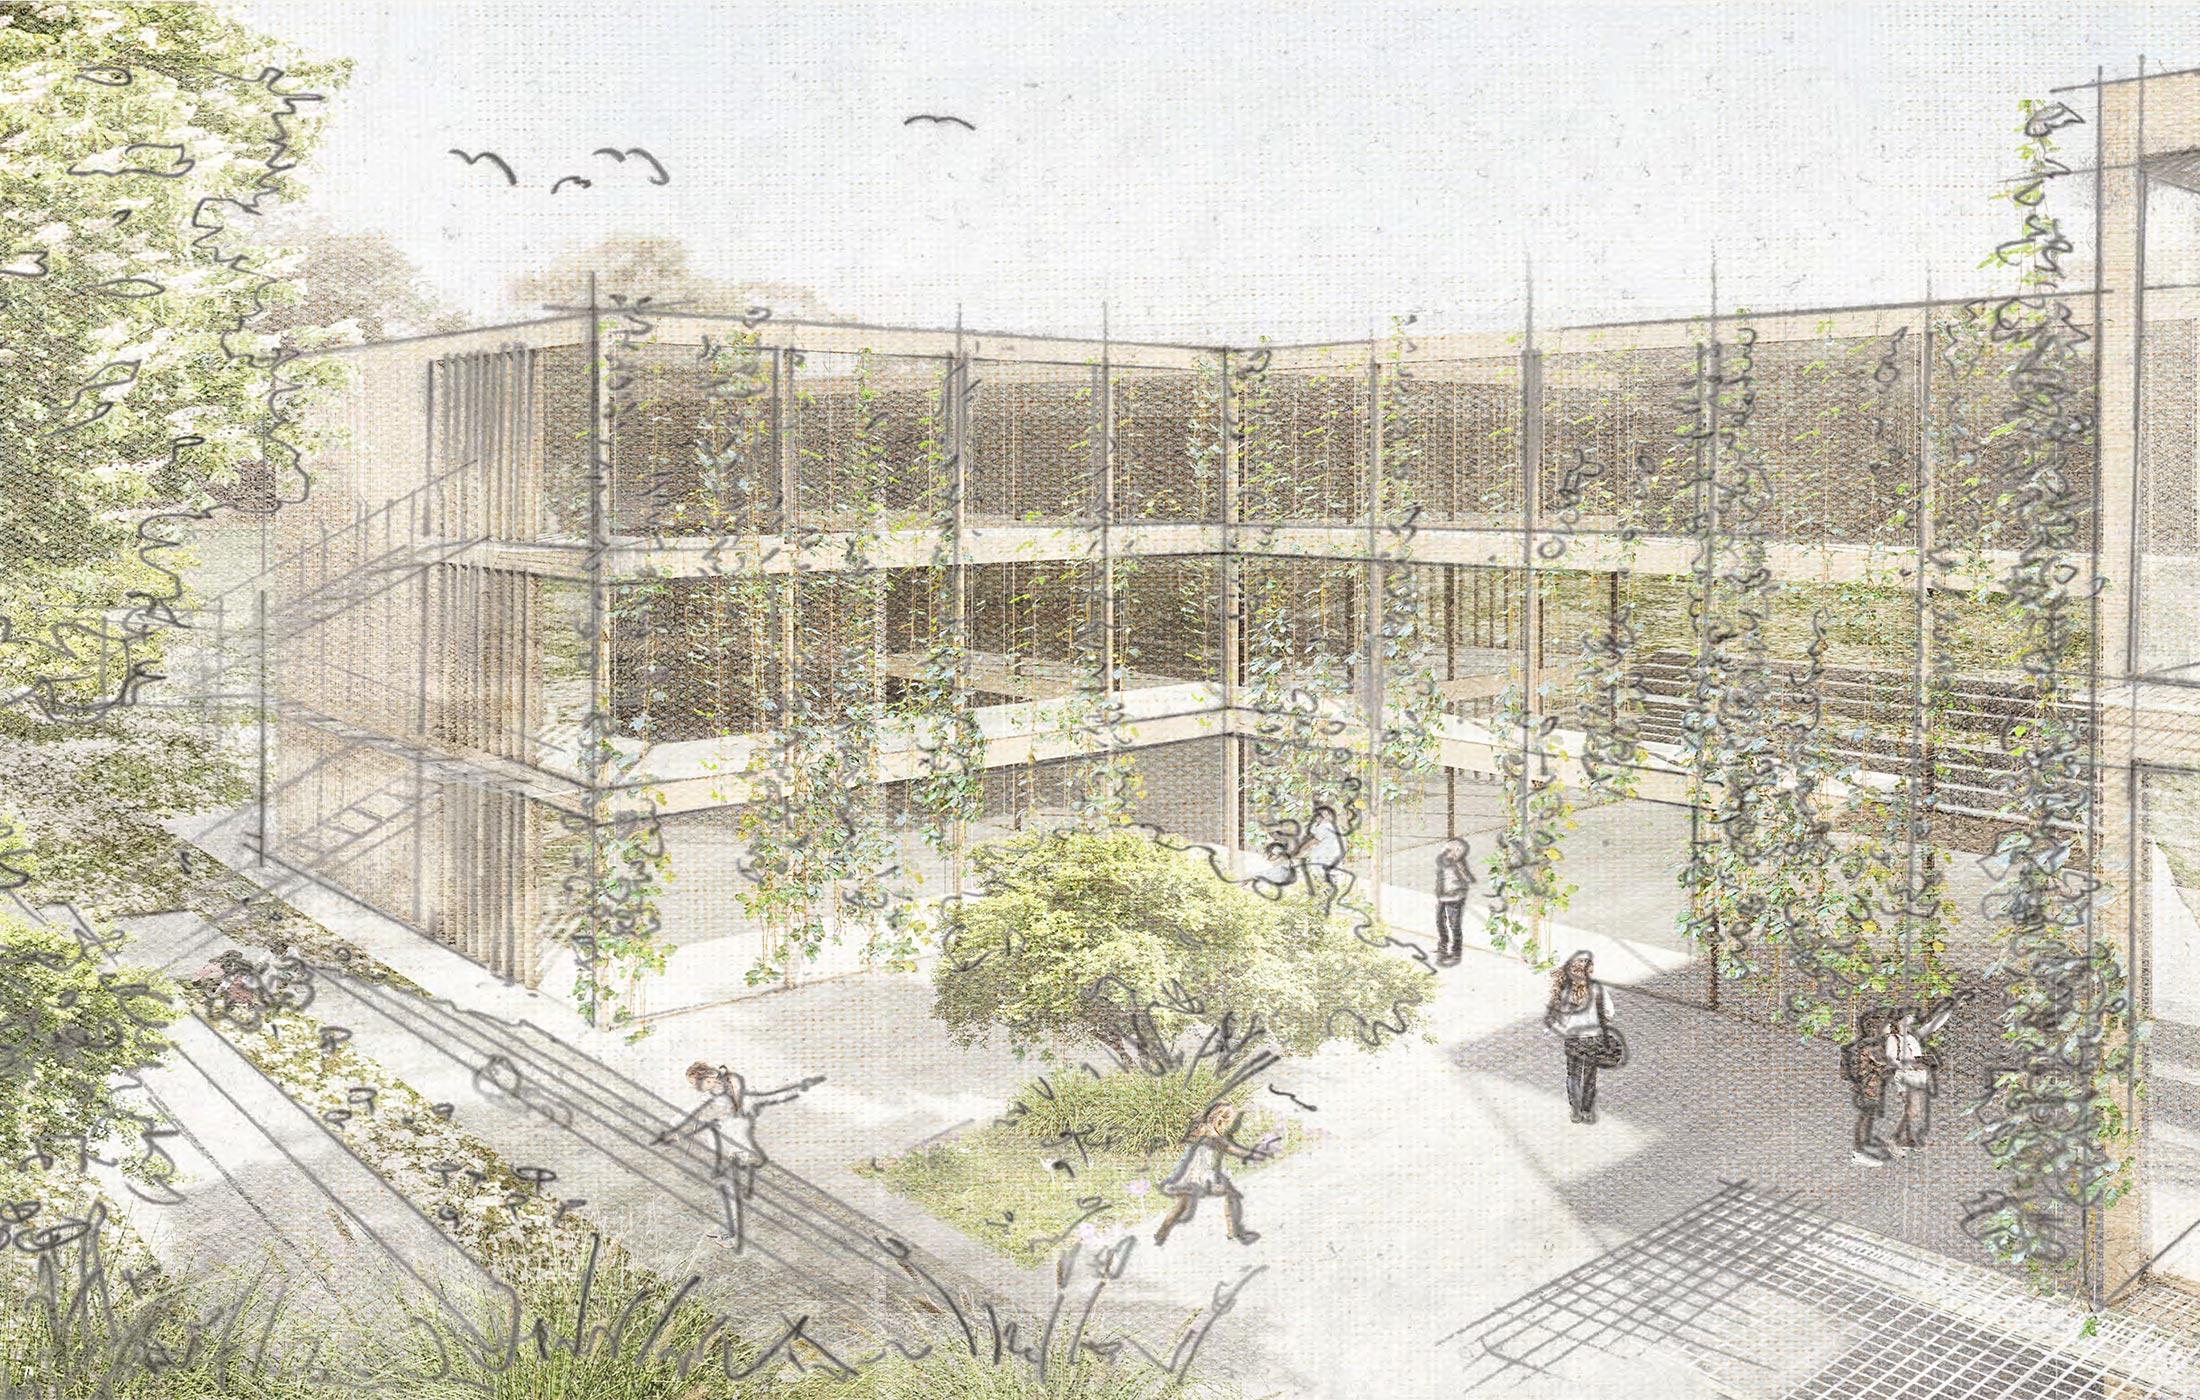 2020, Wettbewerbsbetreuung Neubau Klassenbau Reutlingen